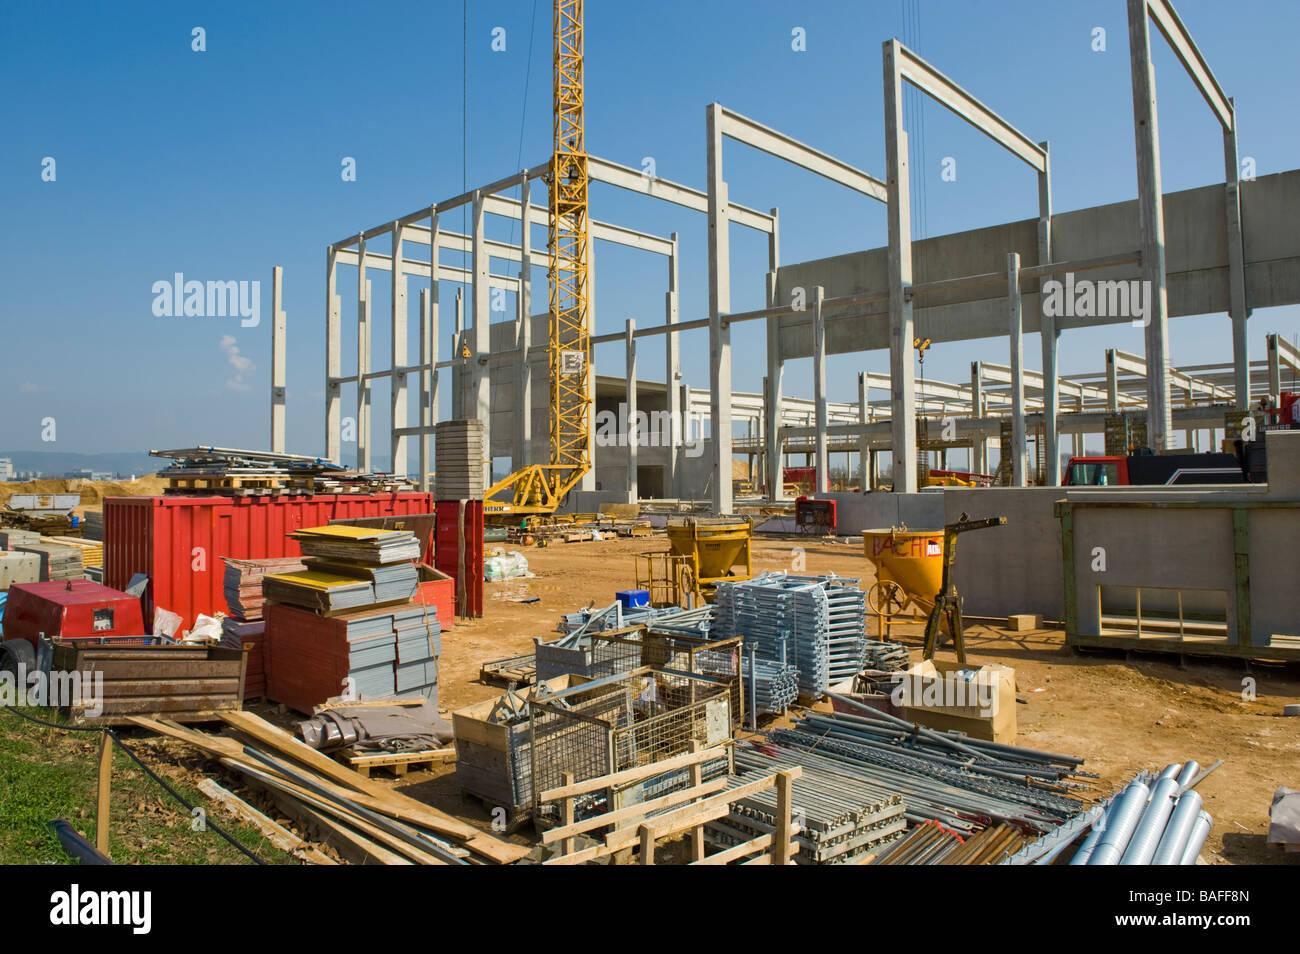 Building Site Construction Site Factory Plant Structure